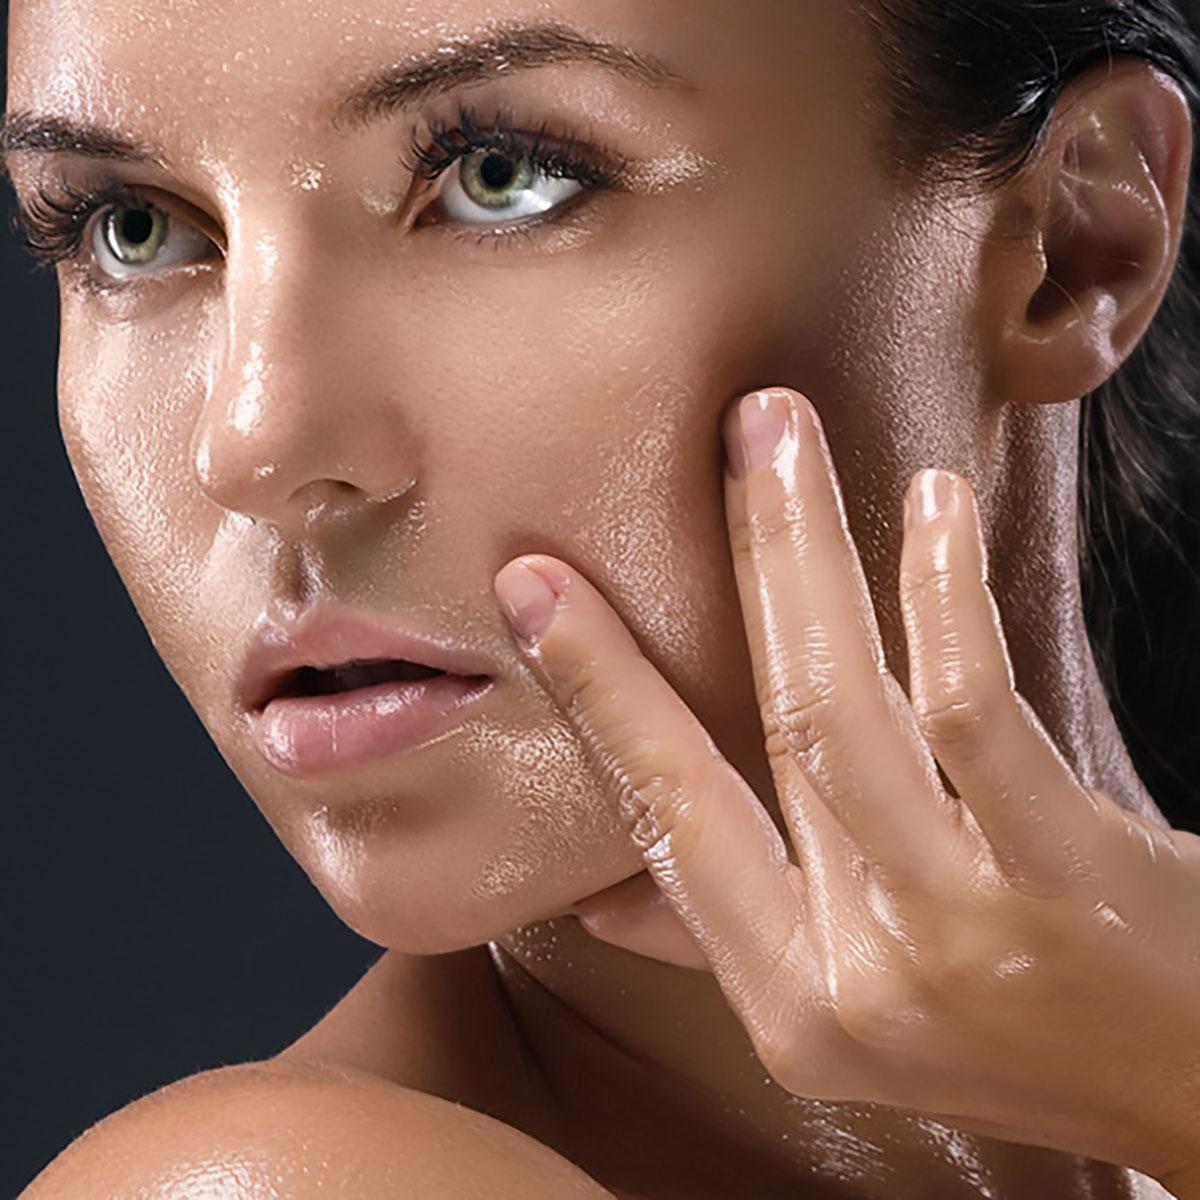 como tratar pele oleosa e poros dilatados